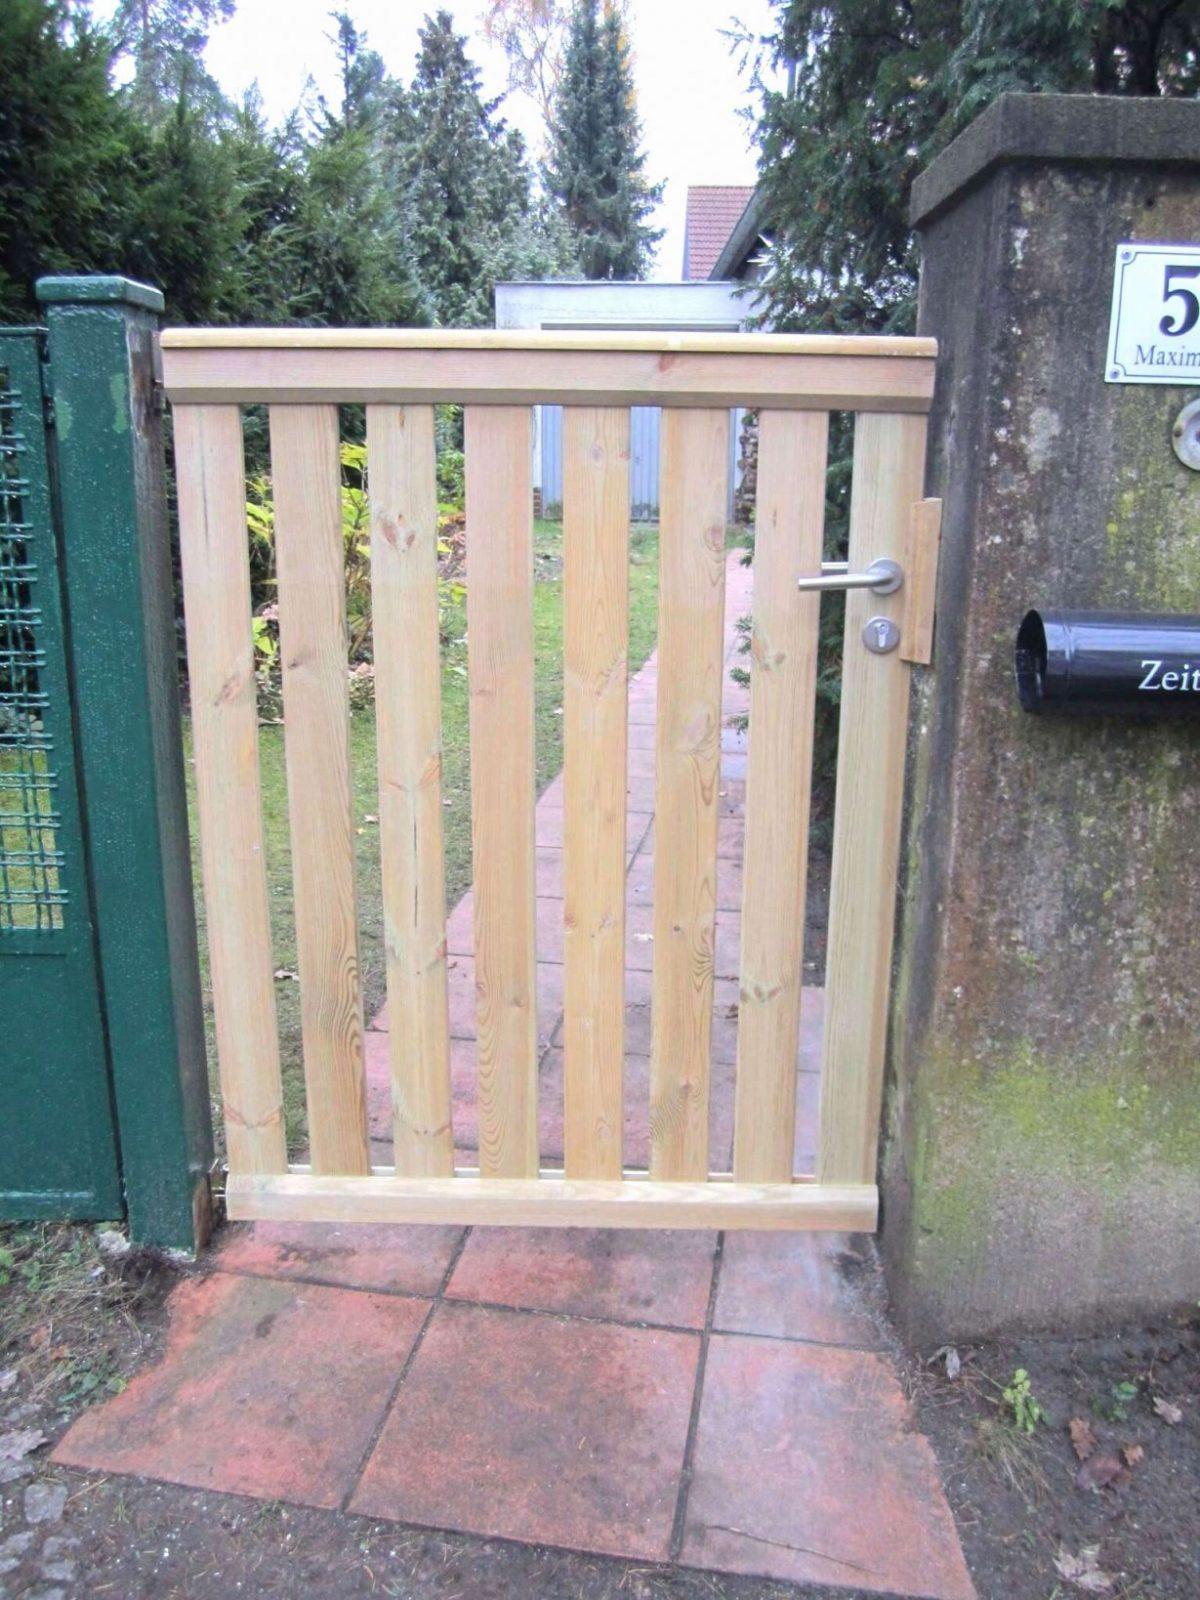 Gartentor Holz Selber Bauen Neu Terrasse Zaun Metall Edelstahl Zaun von Gartentor Aus Holz Selber Bauen Photo